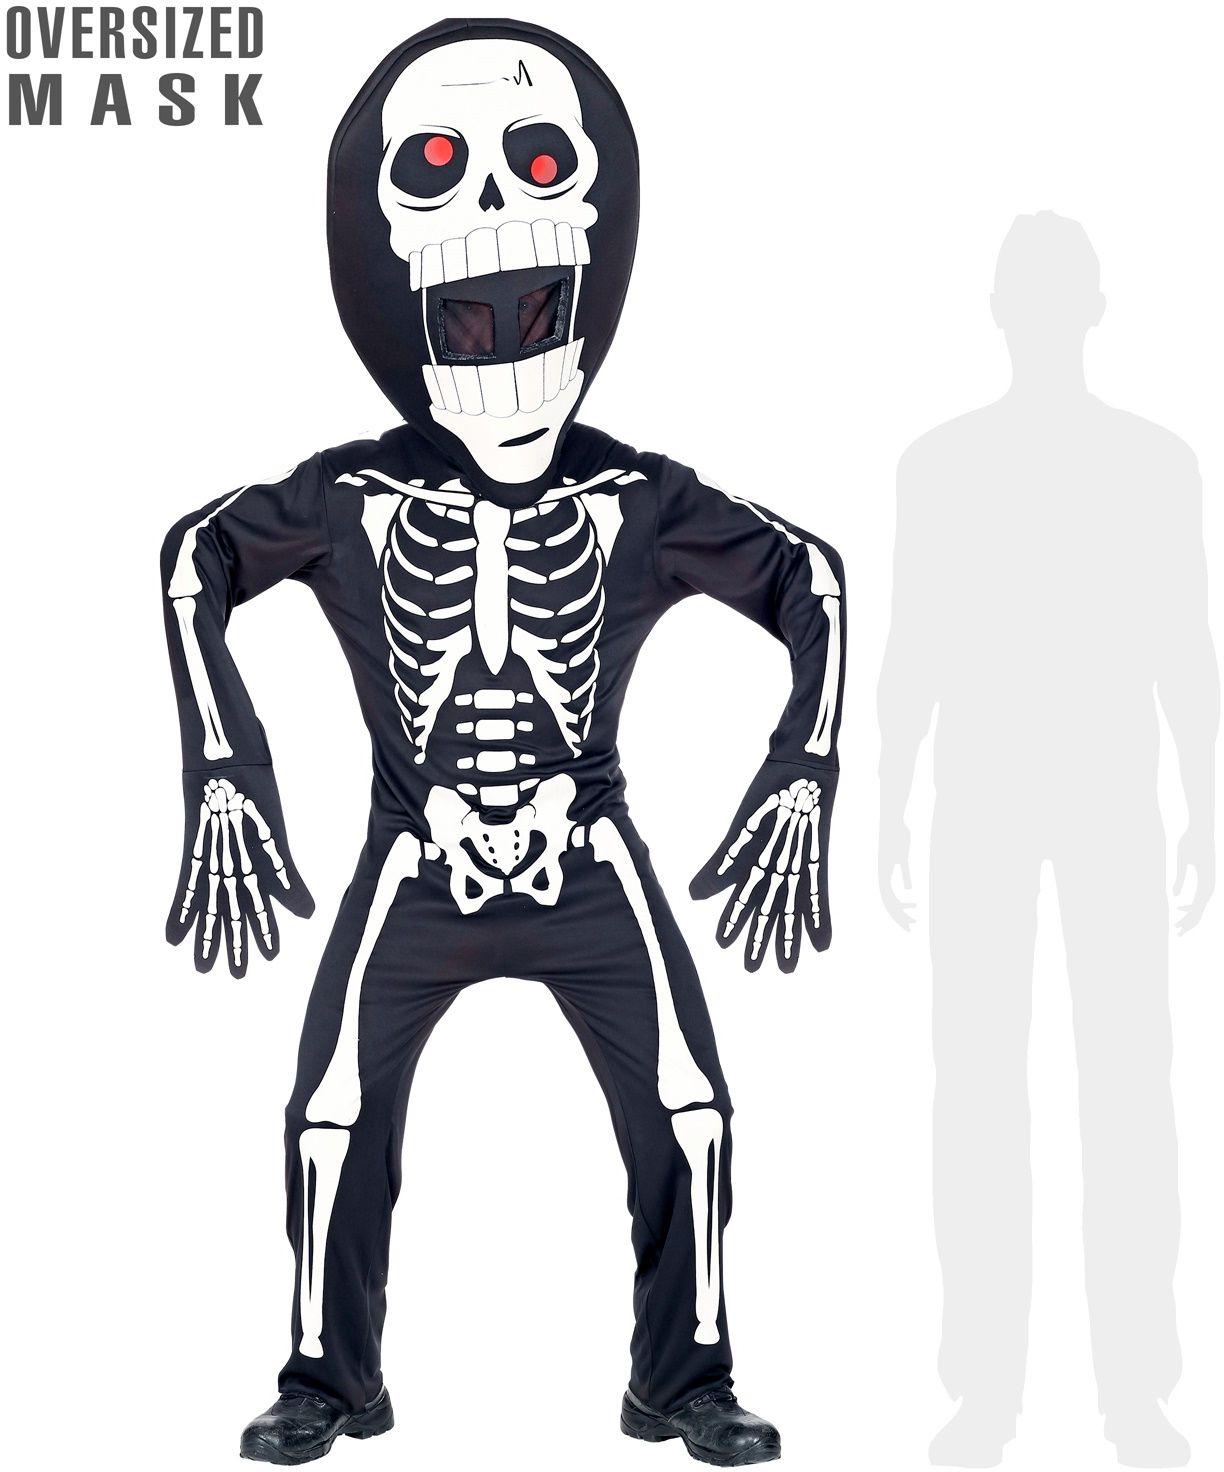 Skelet pak met groot hoofd